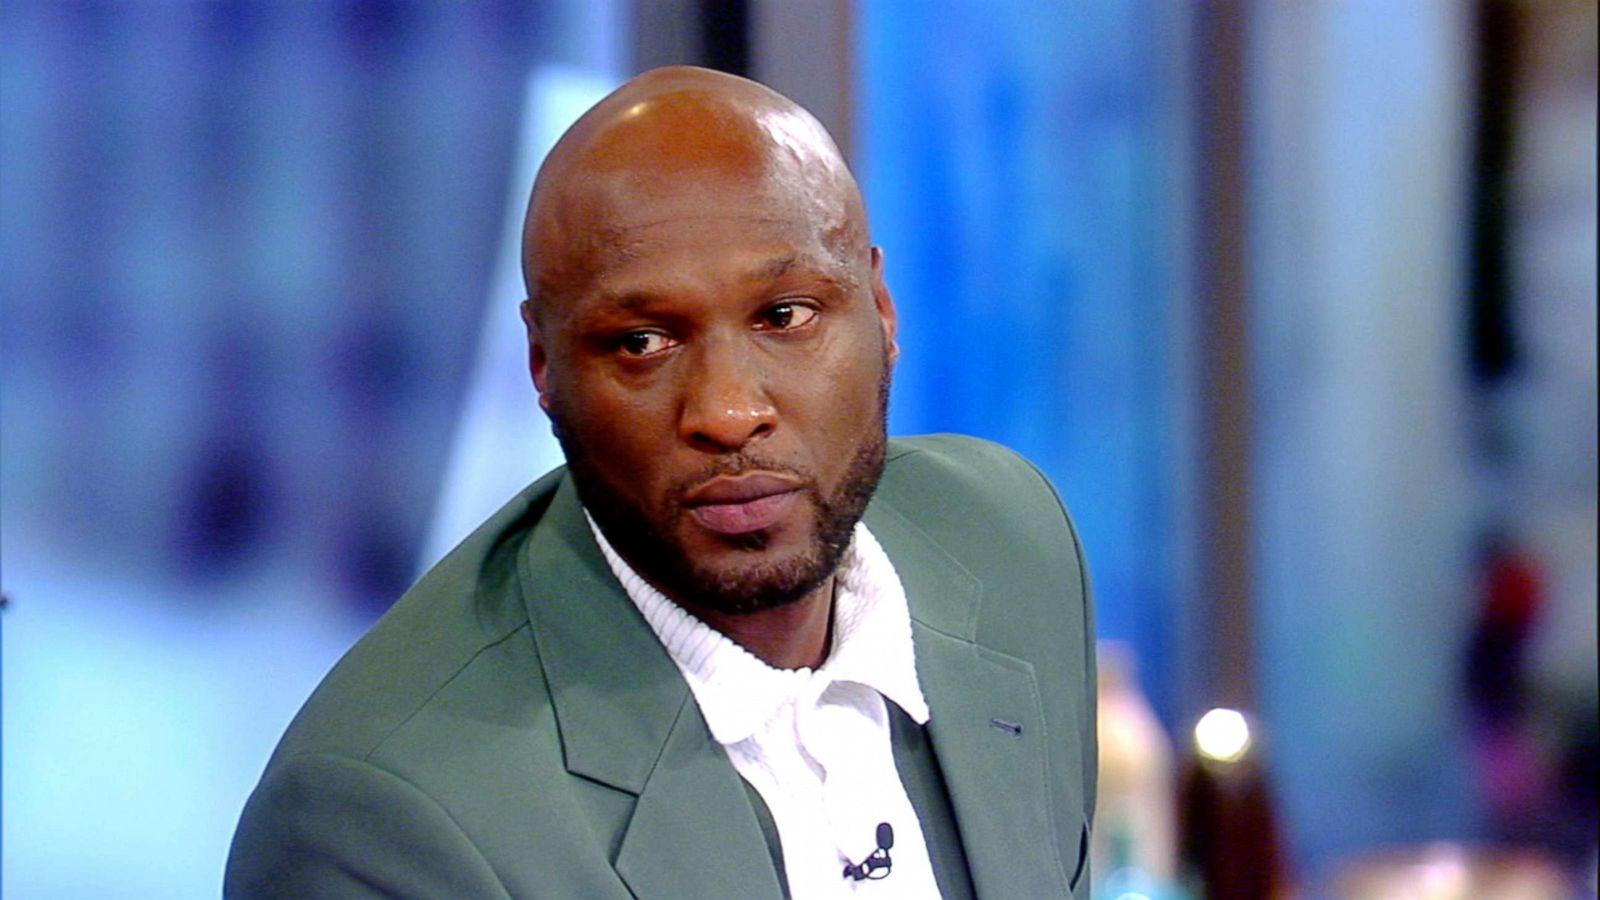 Lamar Odom Defends Himself After His Ex Labels Him A